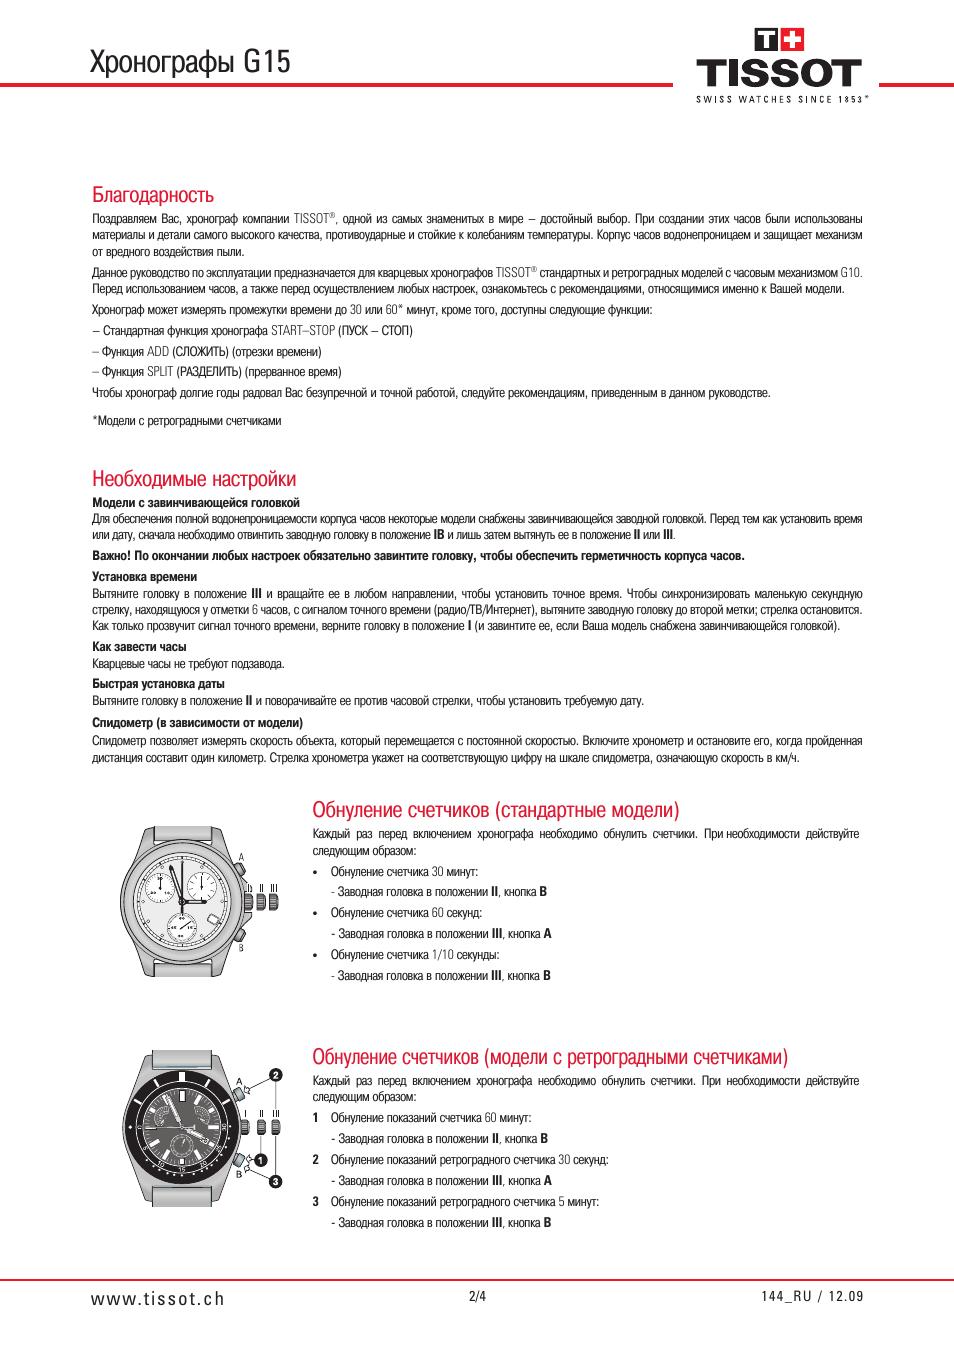 Запас хода часов с автоматическим заводом зависит, прежде всего, от типа механизма.